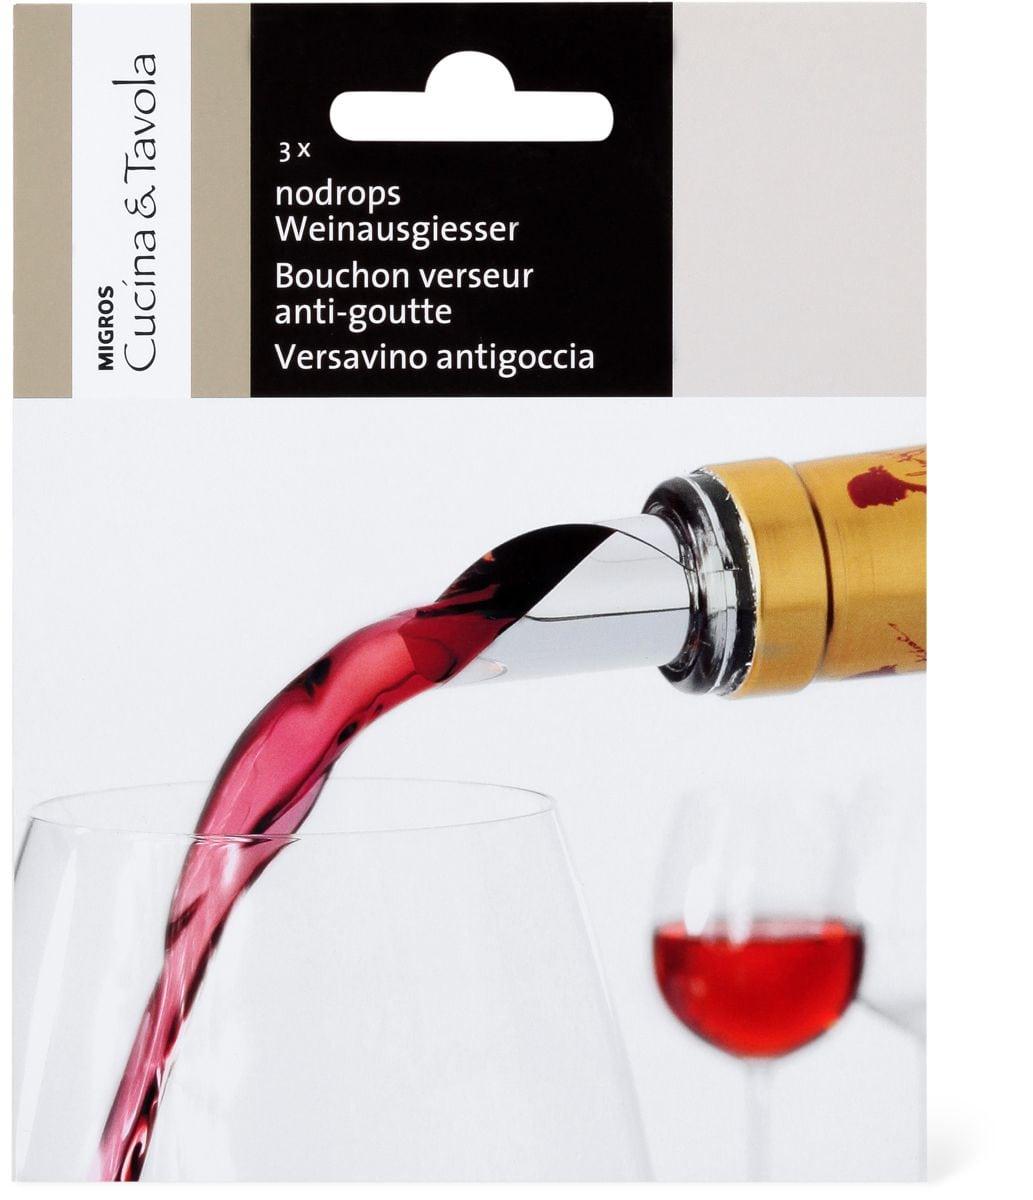 Cucina & Tavola Weinausgiesser